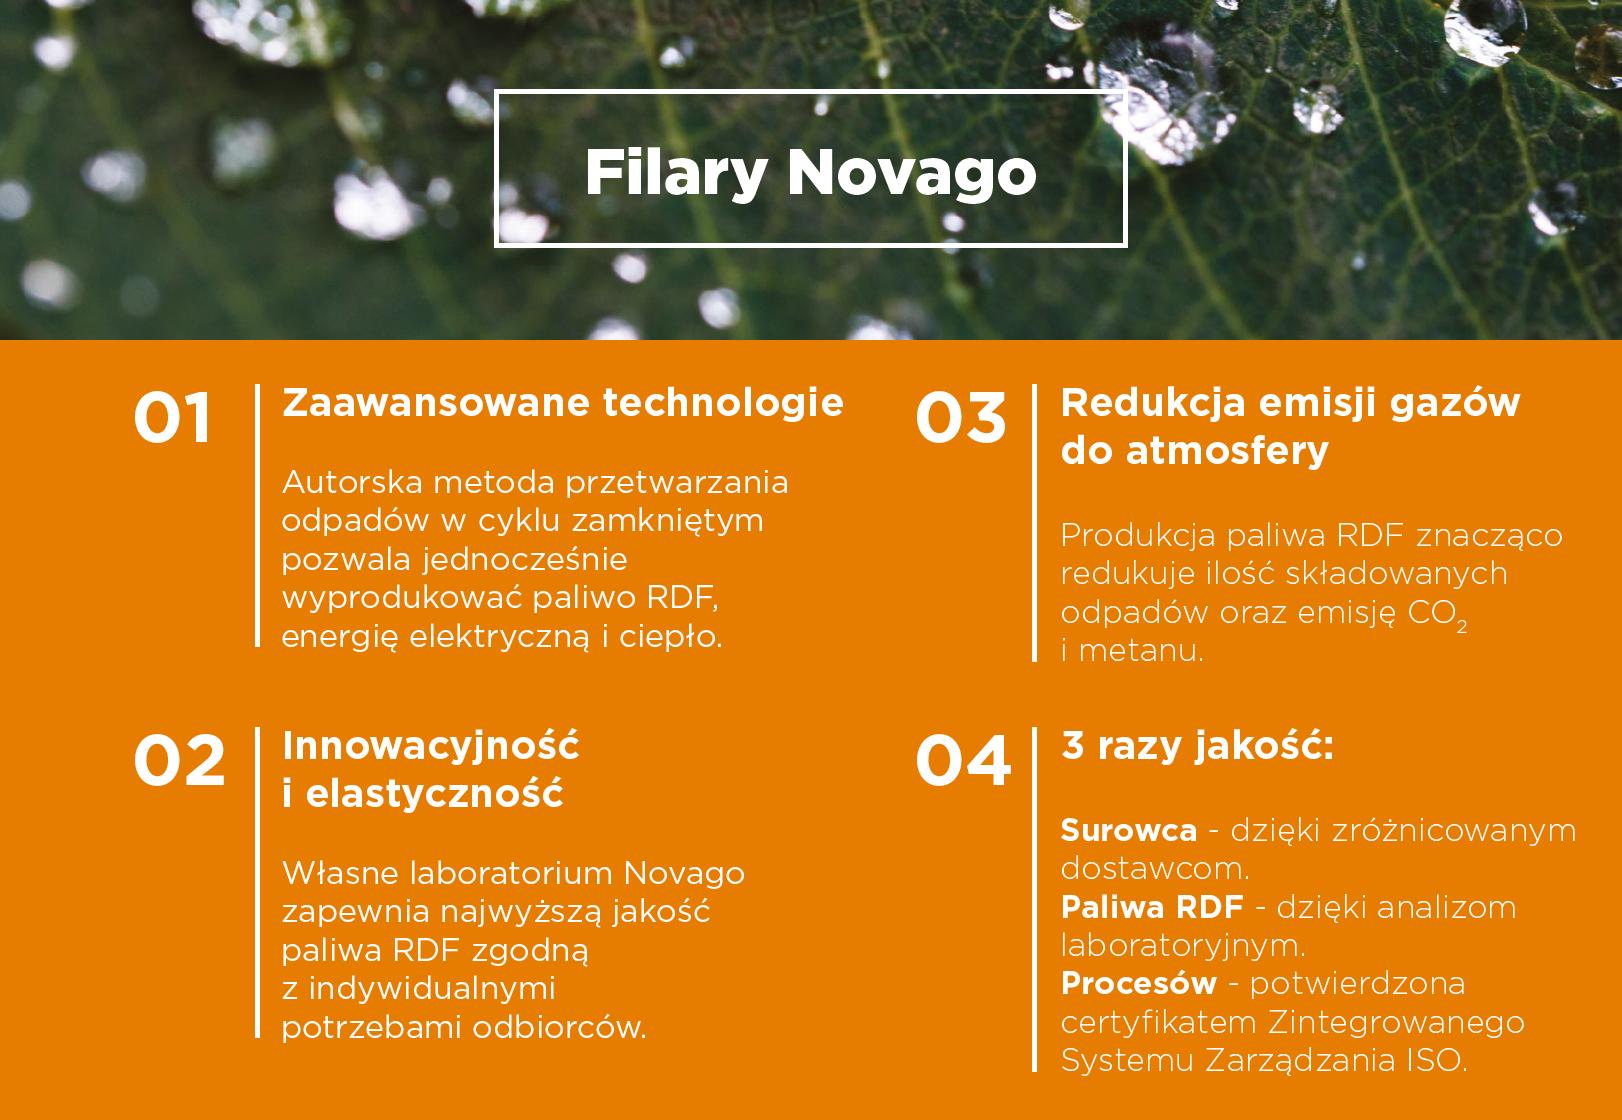 Filary NOVAGO